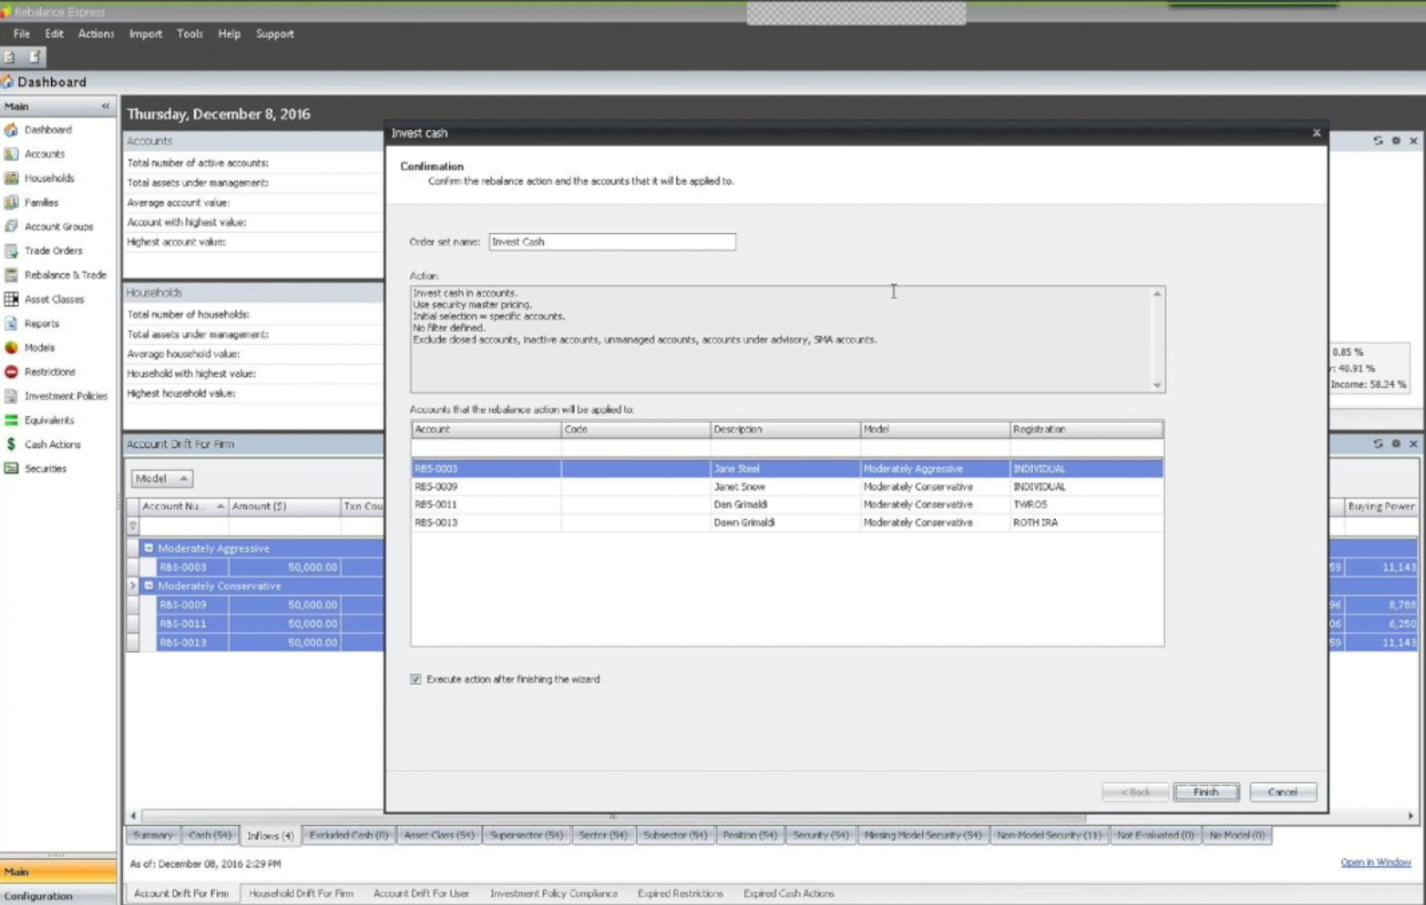 RedBlack Rebalance Express Portfolio Trading Software Capabilities via FIX Protocol